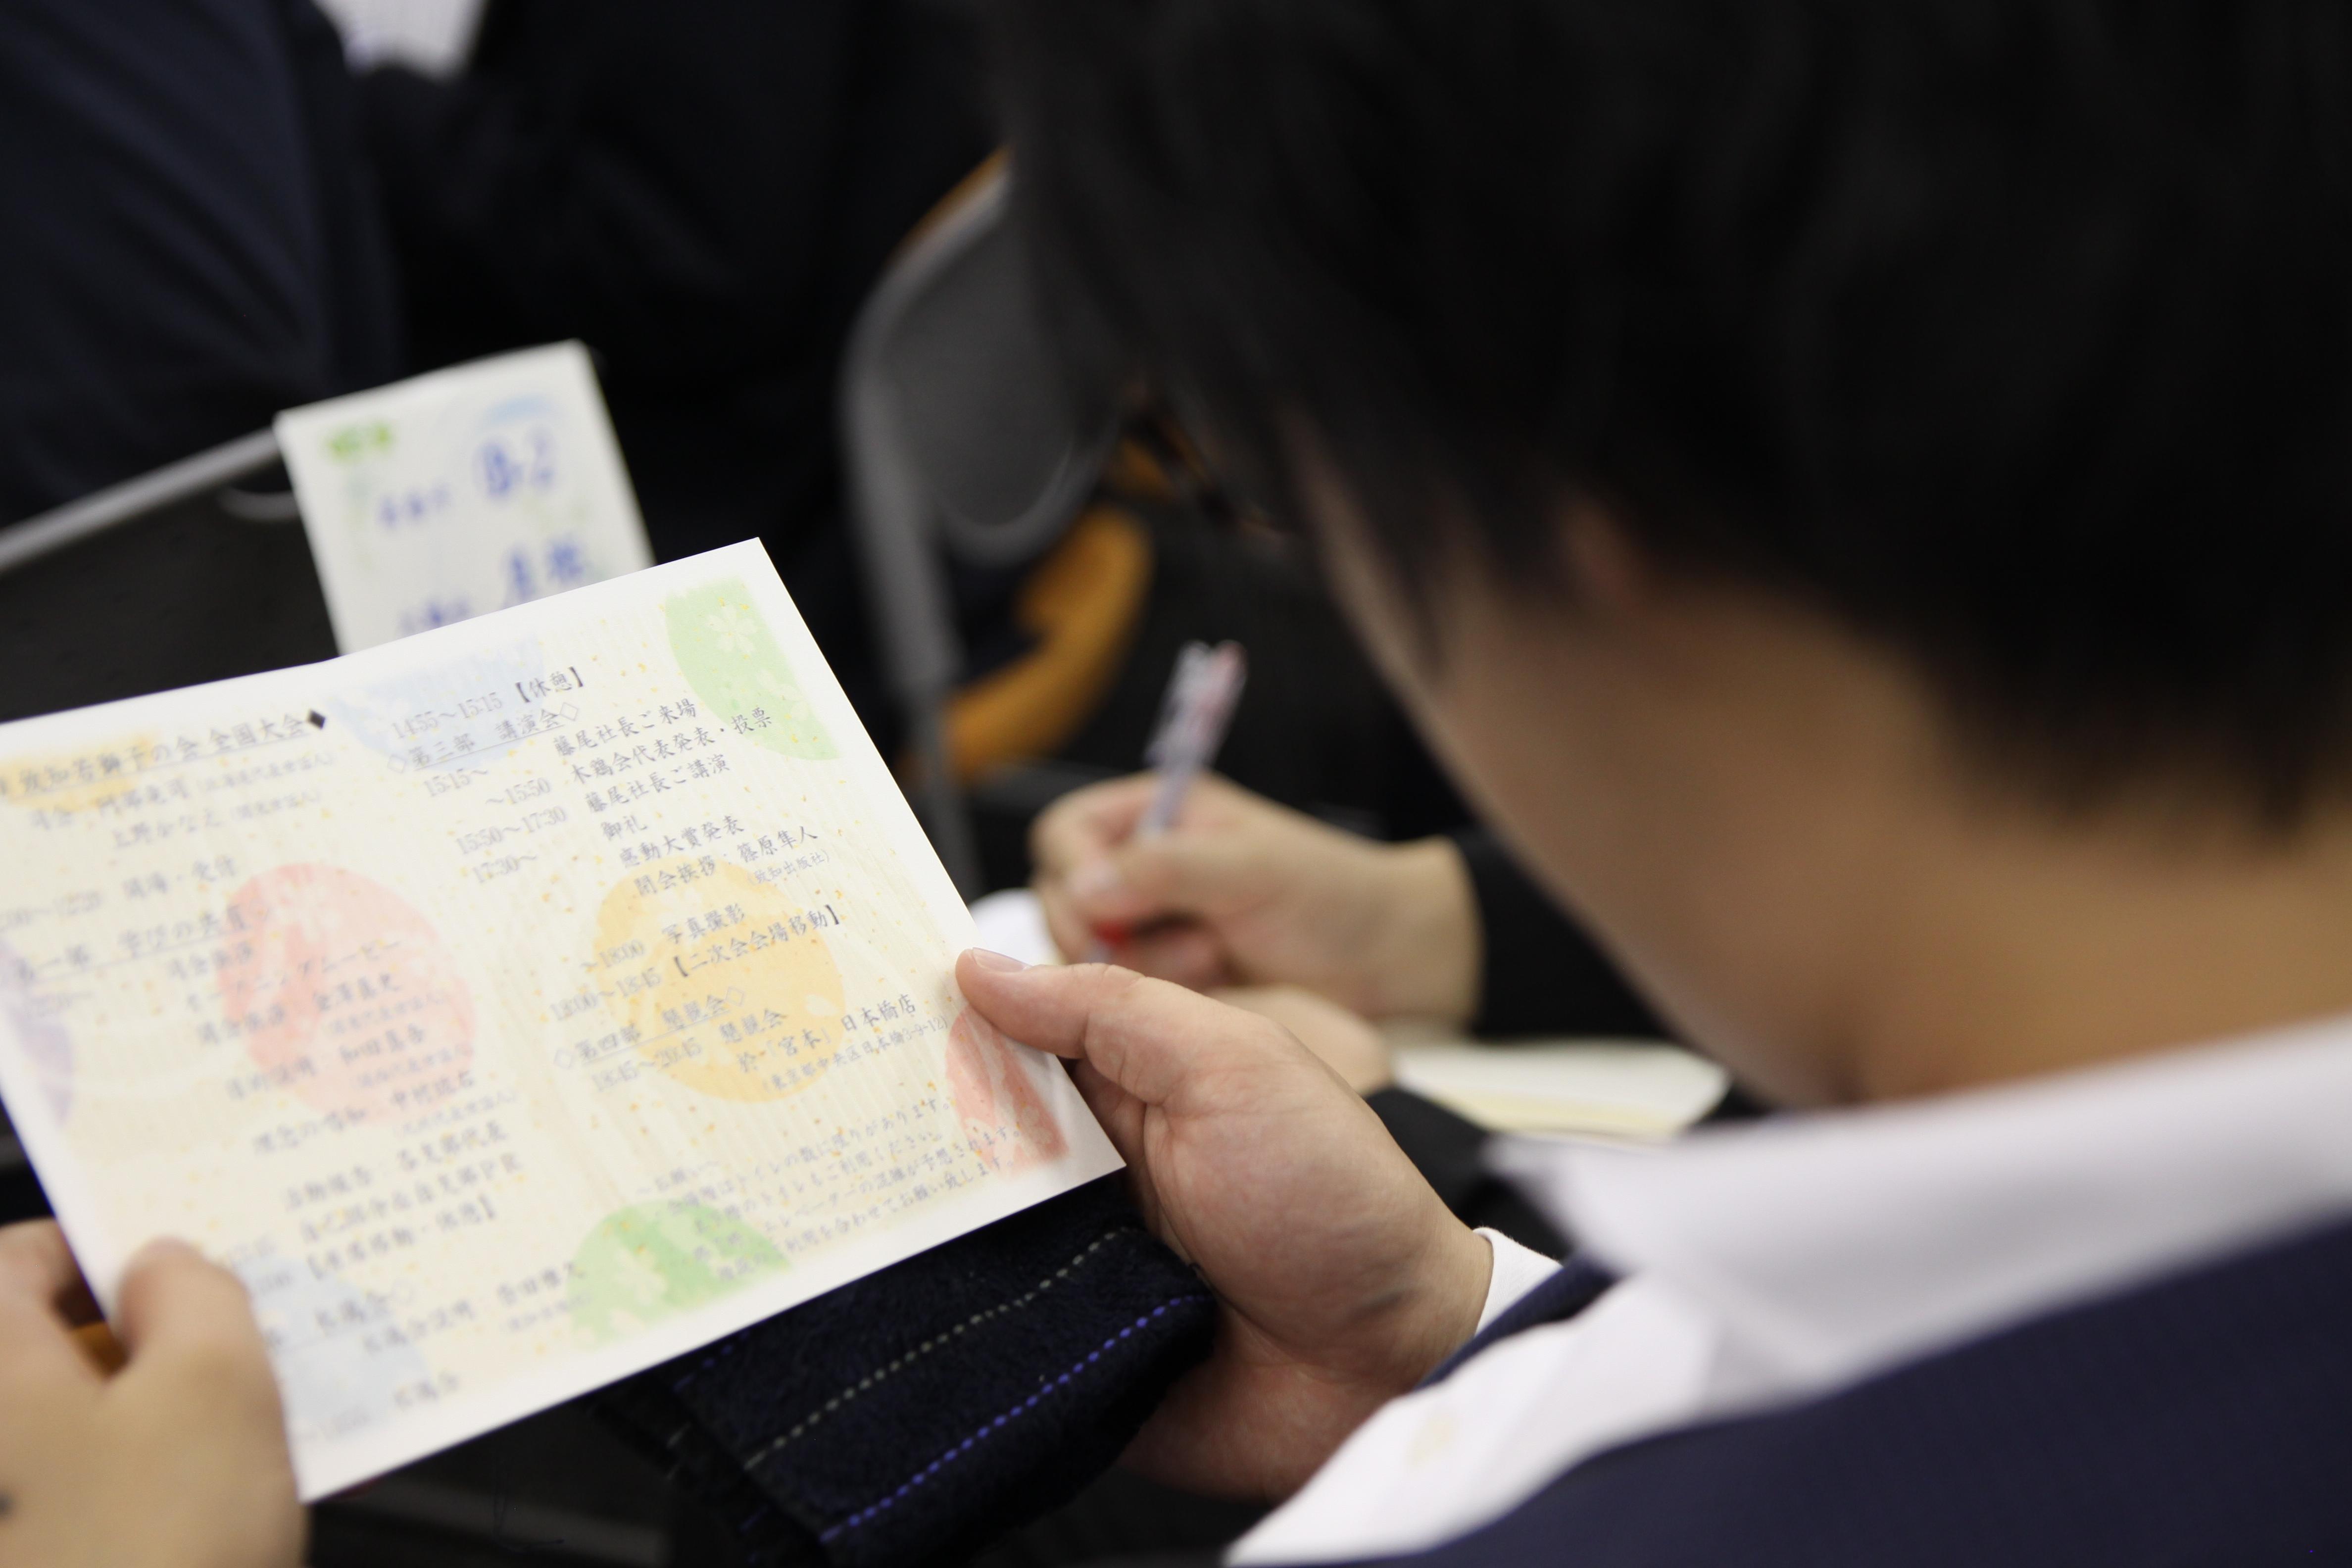 IMG 4519 - 関東若獅子の会、記念すべき第100回